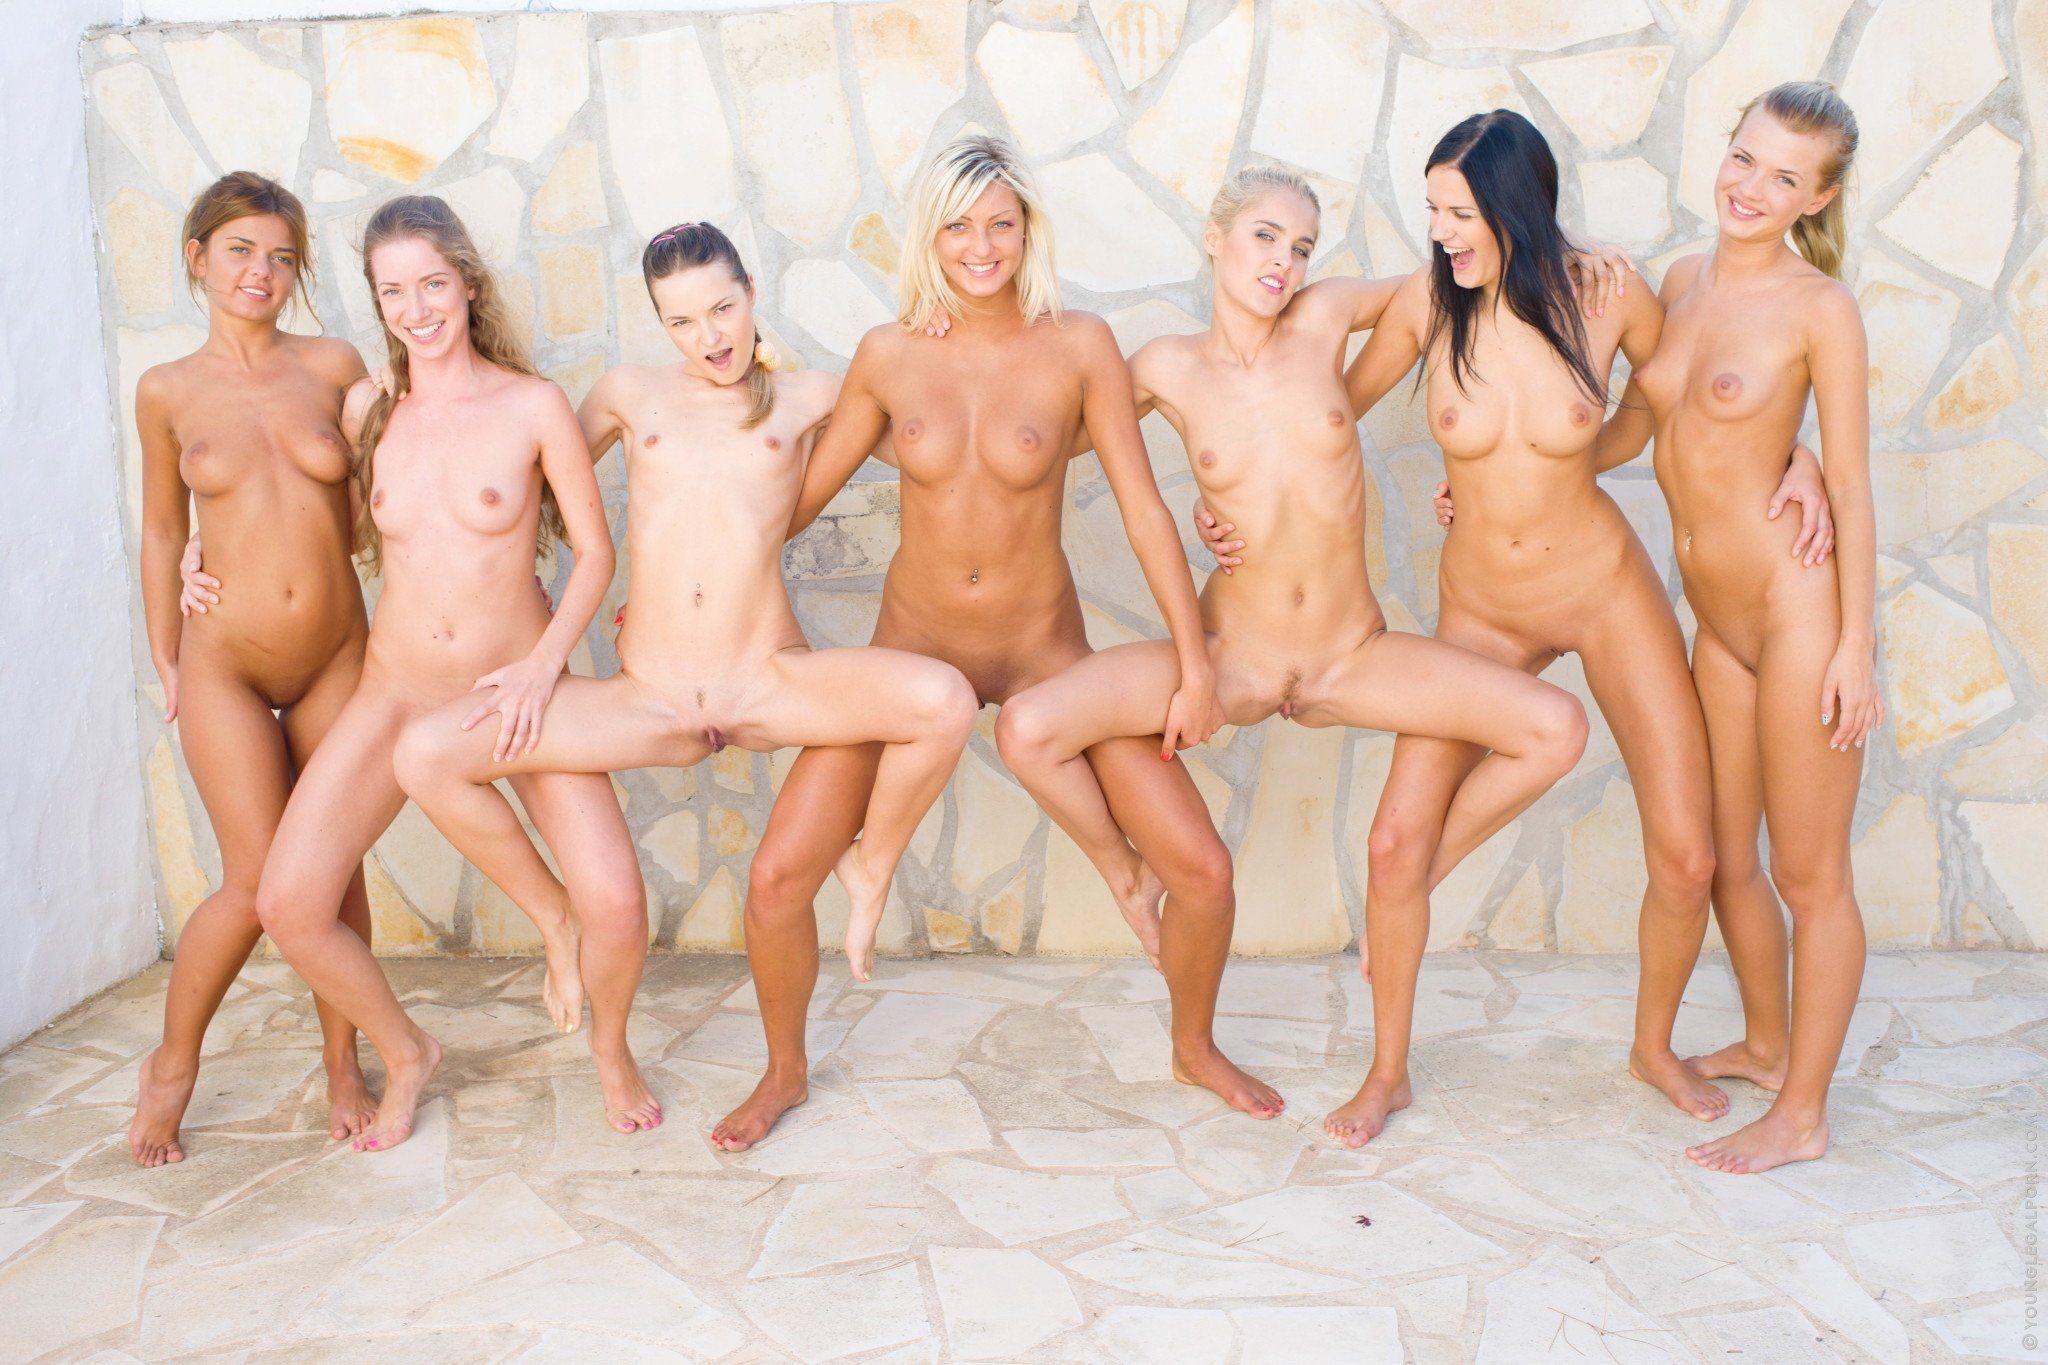 Frau adult pic nude free